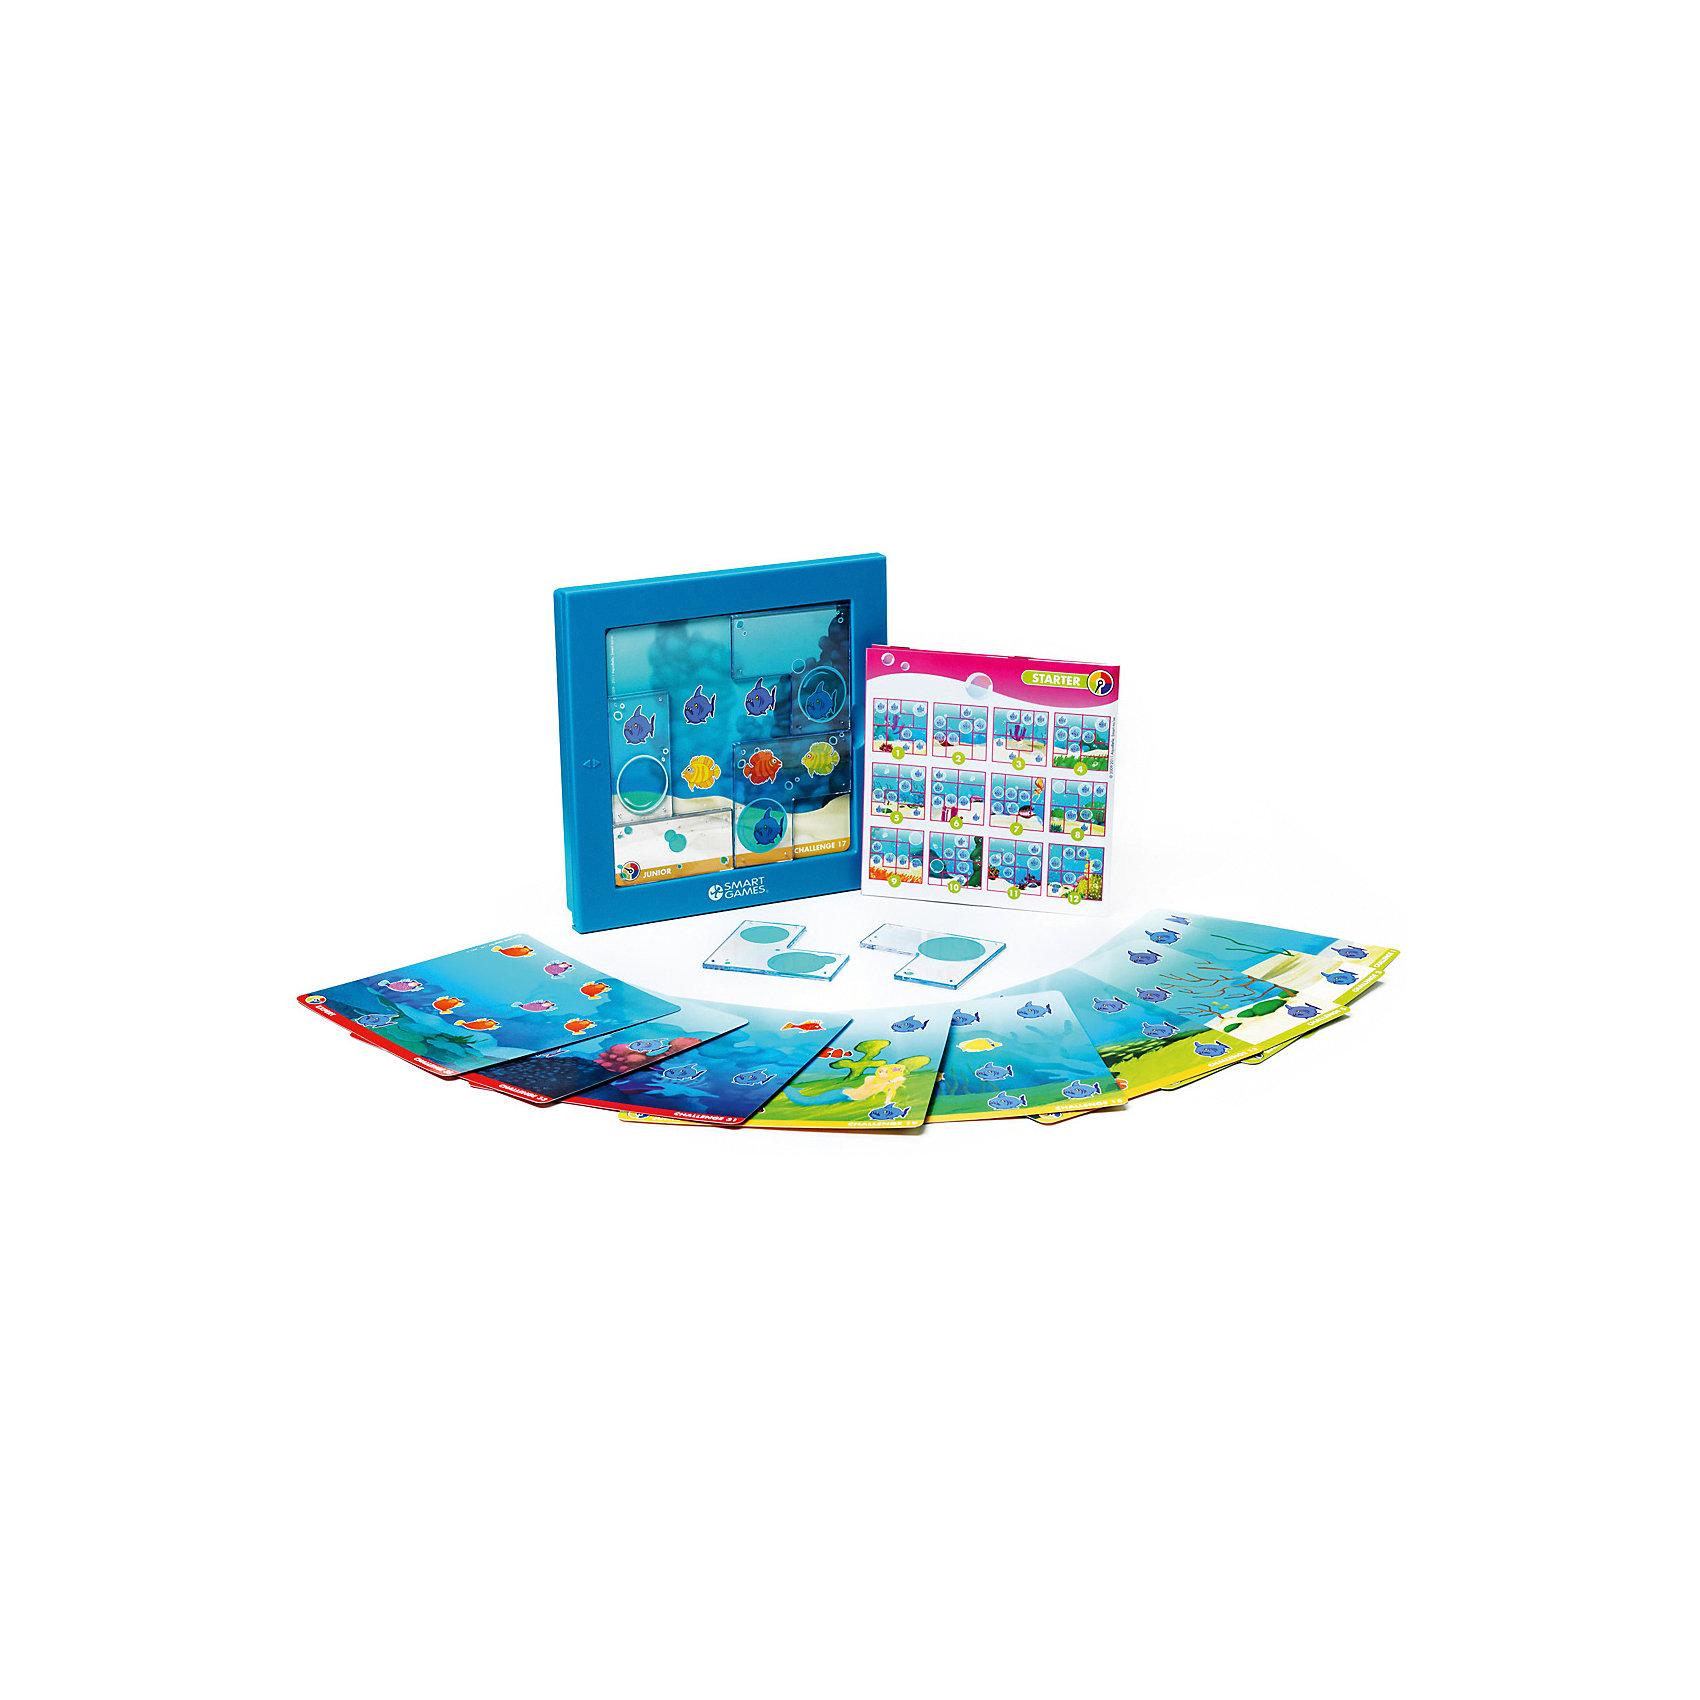 Логическая Игра русалочки, BondibonХарактеристики:<br><br>• Вид игр: настольные игры<br>• Пол: для девочки<br>• Материал: пластик, бумага, картон<br>• Количество игроков: 1<br>• Количество уровней сложности: 4<br>• Количество заданий: 48<br>• Размер (Д*Ш*В): 24*6*24 см<br>• Вес: 624 г<br>• Комплектация: игровой планшет, прозрачные детали-пазлы с изображением пузырей, блокнот с заданиями, инструкция<br><br>Логическая игра Игра русалочки, Bondibon – это настольная игра от всемирно известного производителя детских игр развивающей и обучающей направленности. Smart Games – это серия логических игр, предназначенная для одного игрока с несколькими уровнями сложности и множеством заданий. Цель игры Игра русалочки: расположить элементы-пазлы таким образом, чтобы все хищные рыбы оказались в пузырях. Элементы игры выполнены из качественного и безопасного пластика, упакованы в картонную коробку. В комплекте имеется инструкция с правилами игры и буклет с заданиями.<br><br>Логические игры Smart Games от Bondibon научат ребенка логическому и пространственному мышлению, концентрации внимания и выработке индивидуальной тактики решения игровых задач. Настольные игры от Bondibon – залог развития успешности вашего ребенка в будущем! <br><br>Логическую игру Игра русалочки, Bondibon можно купить в нашем интернет-магазине.<br><br>Ширина мм: 240<br>Глубина мм: 50<br>Высота мм: 240<br>Вес г: 738<br>Возраст от месяцев: 48<br>Возраст до месяцев: 108<br>Пол: Женский<br>Возраст: Детский<br>SKU: 5121960